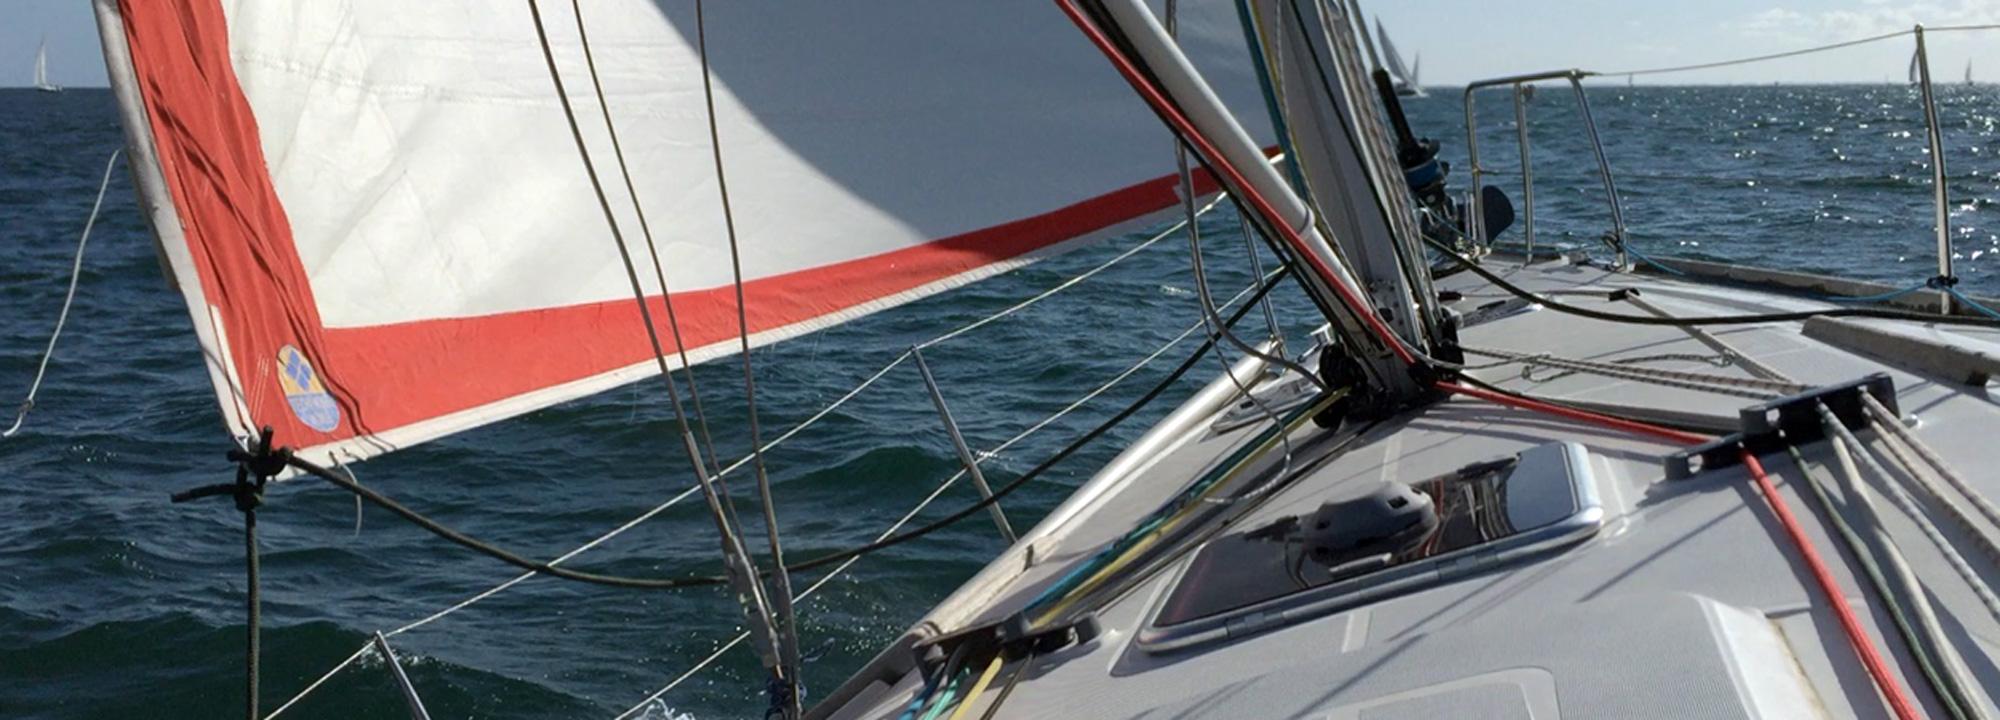 louez un voilier en Bretagne Sud